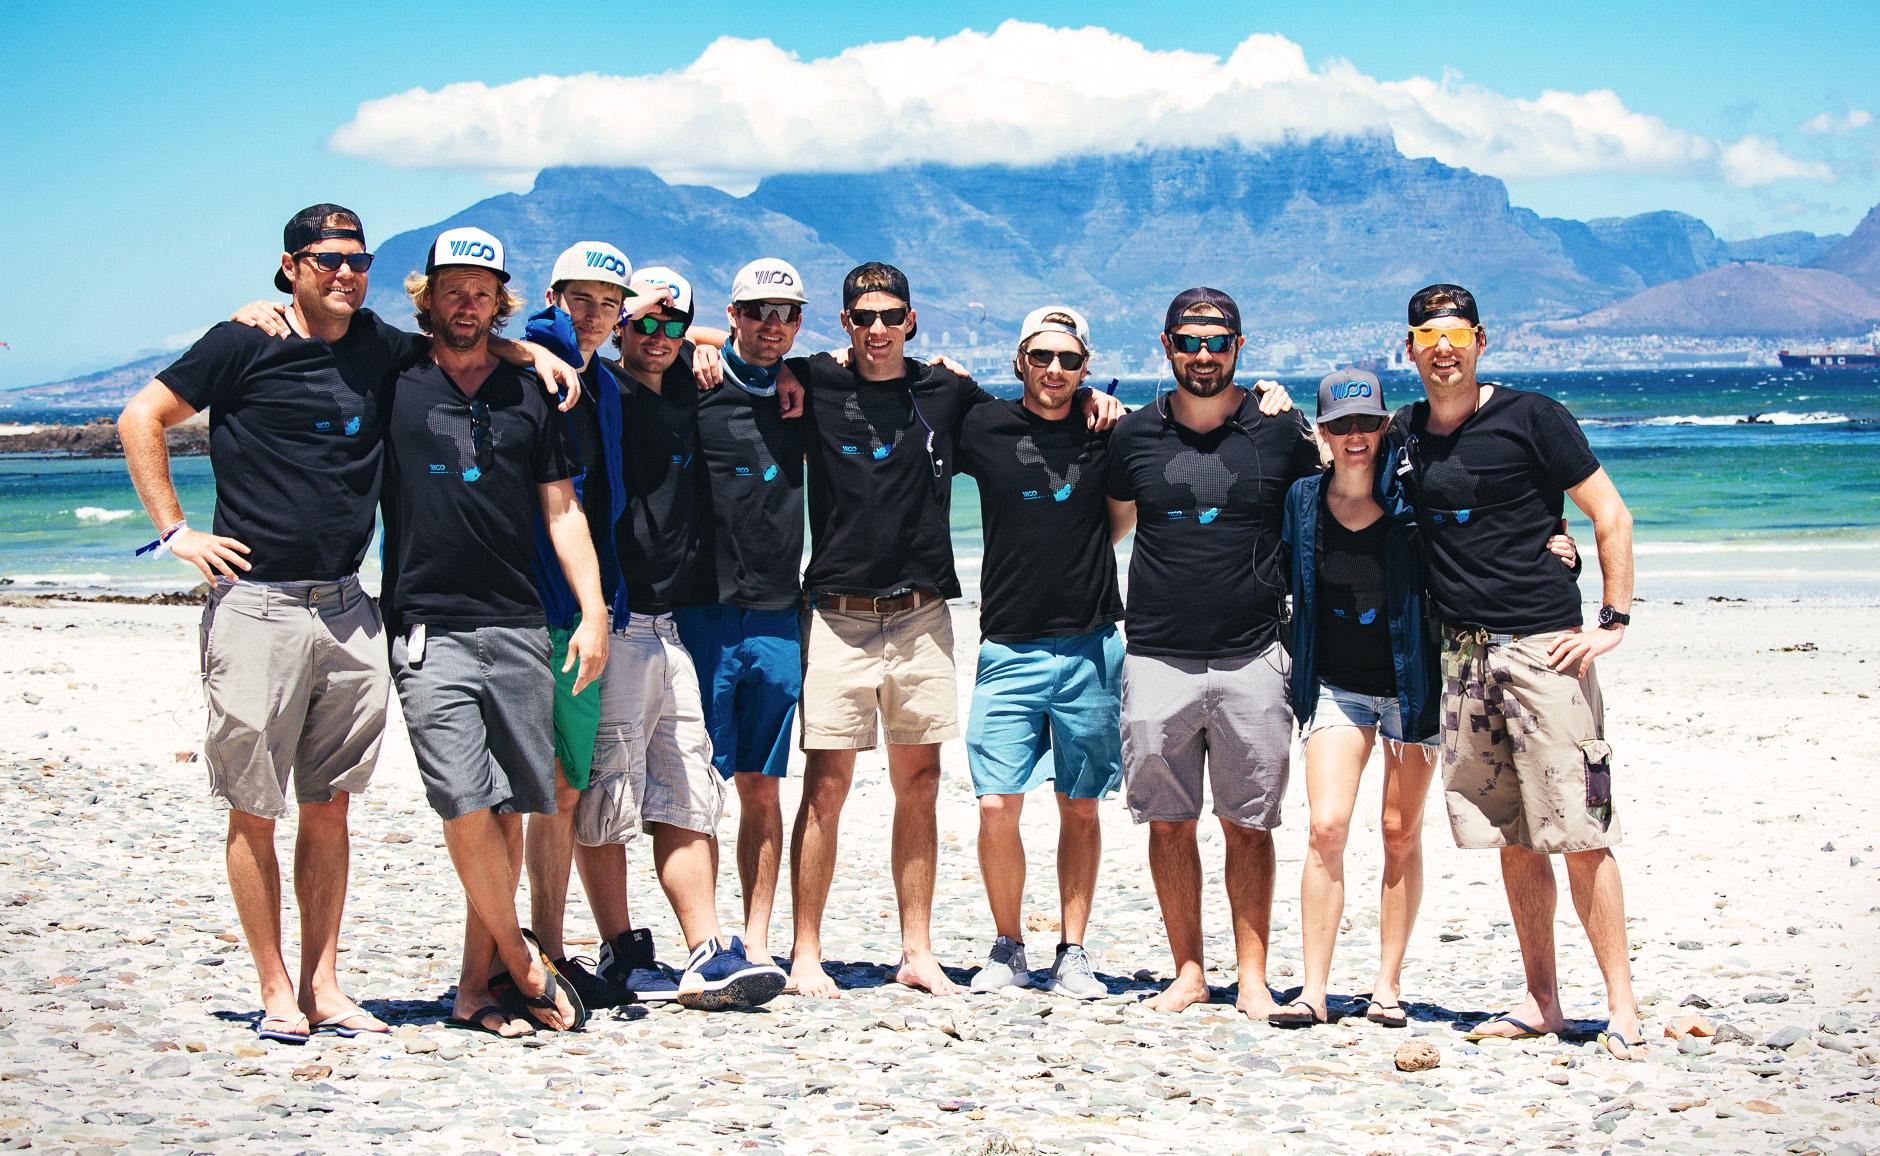 Left to Right: Arlin, Ytzen, Eric, Leo, Tyler